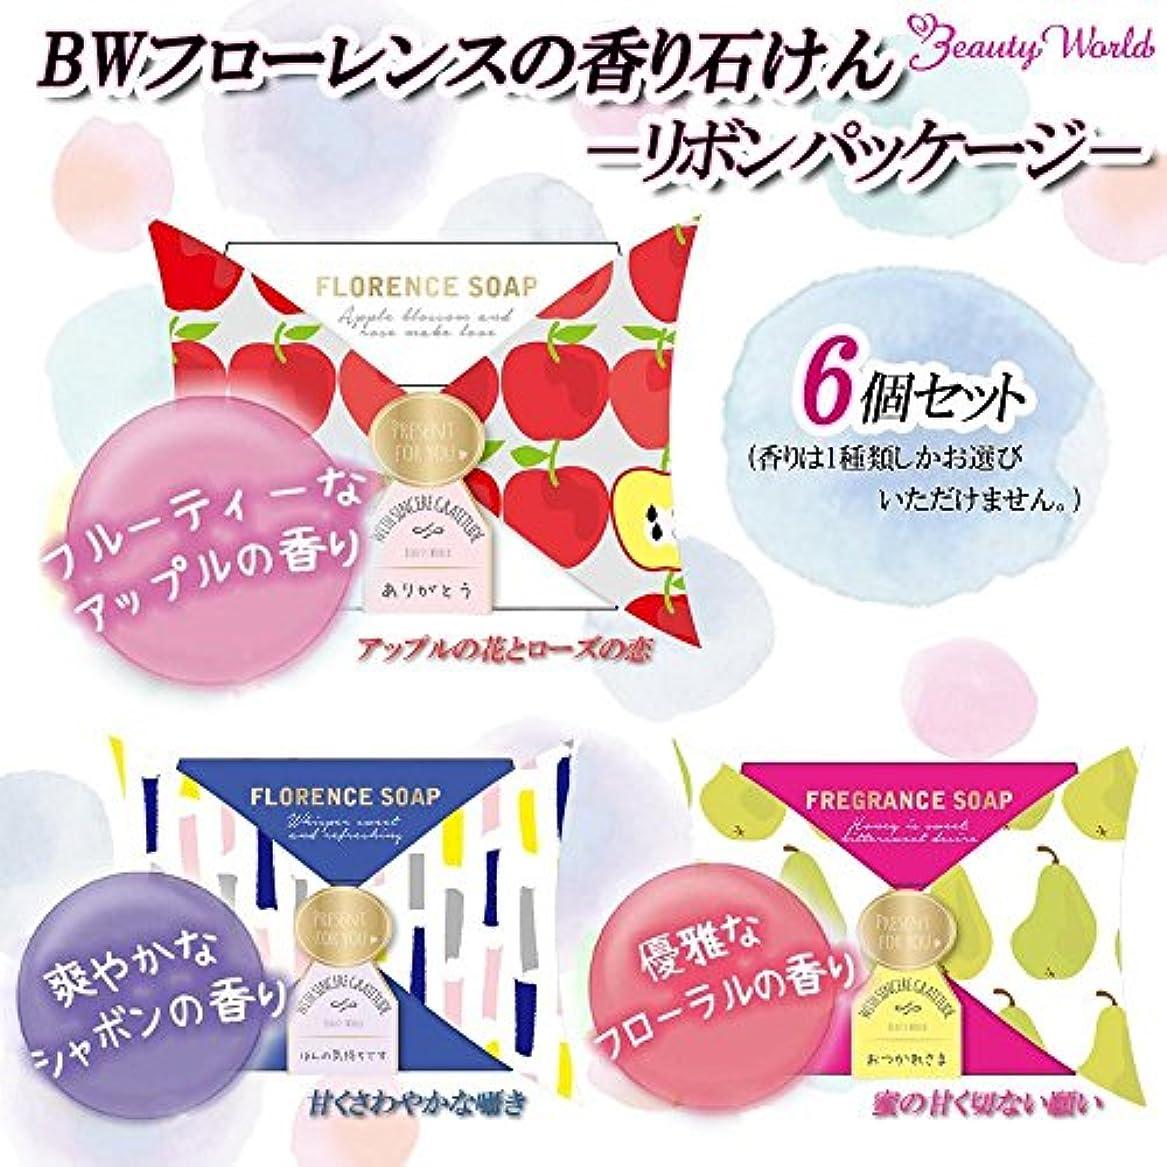 タック五十副産物ビューティーワールド BWフローレンスの香り石けん リボンパッケージ 6個セット ■3種類の内「FSP386?蜜の甘く切ない願い」を1点のみです